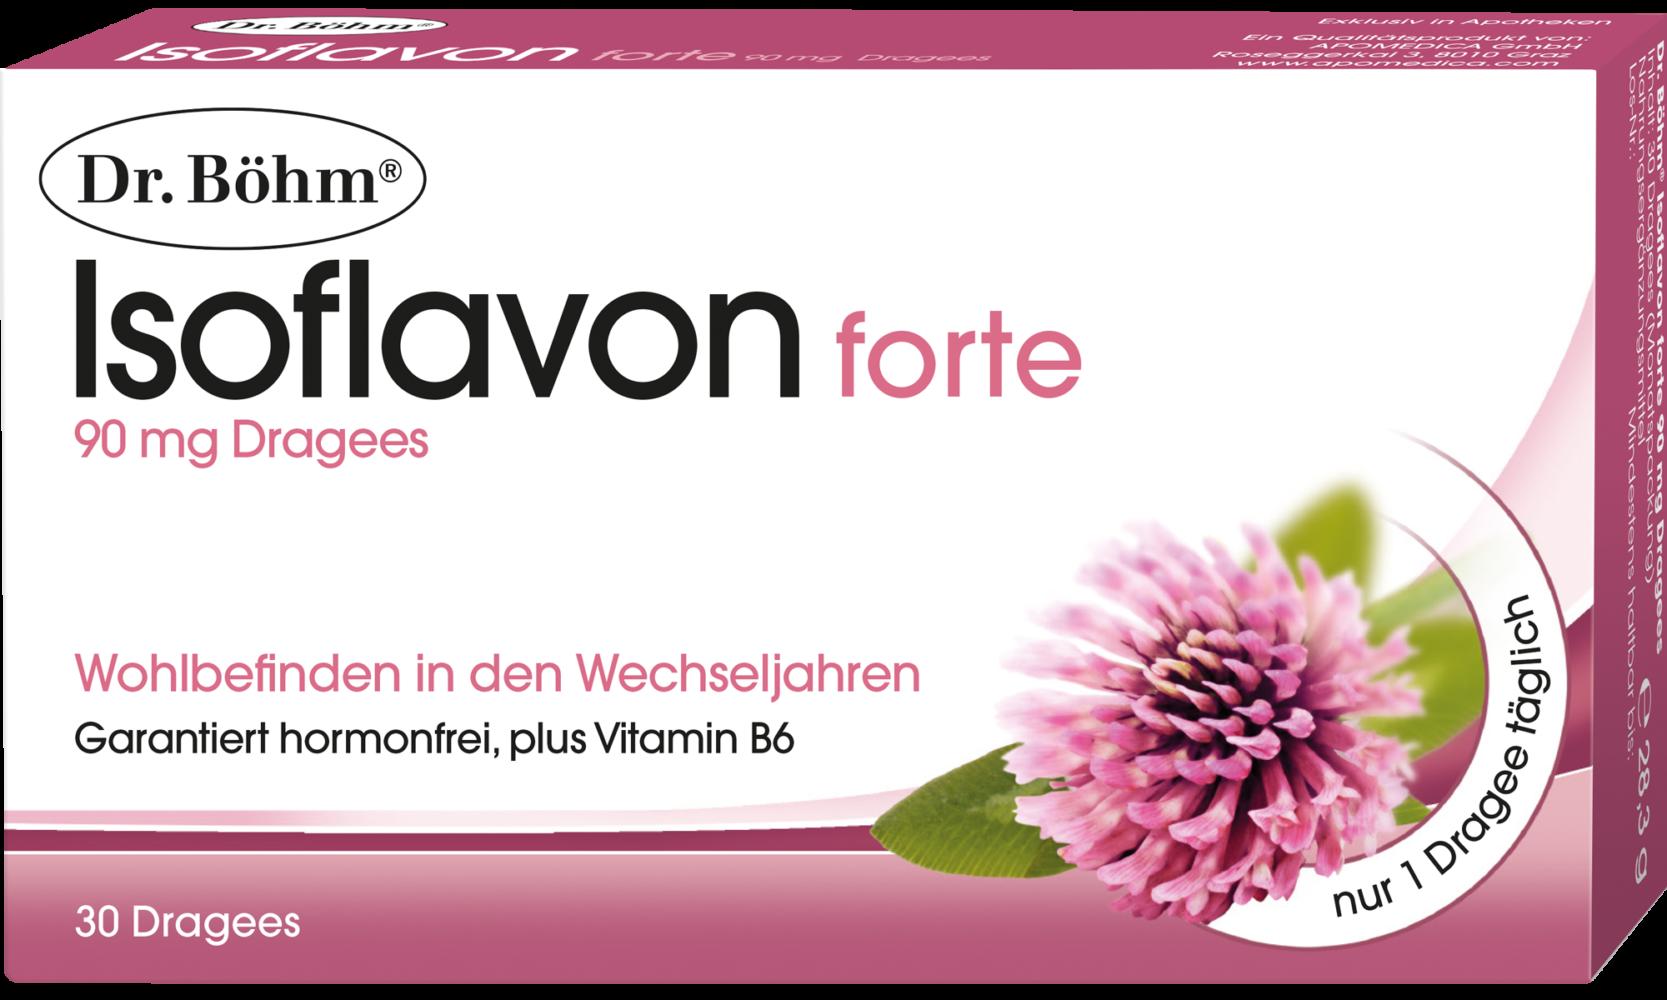 Dr. Böhm® Isoflavon forte, 90 mg Dragees - Wohlbefinden in den Wechseljahren